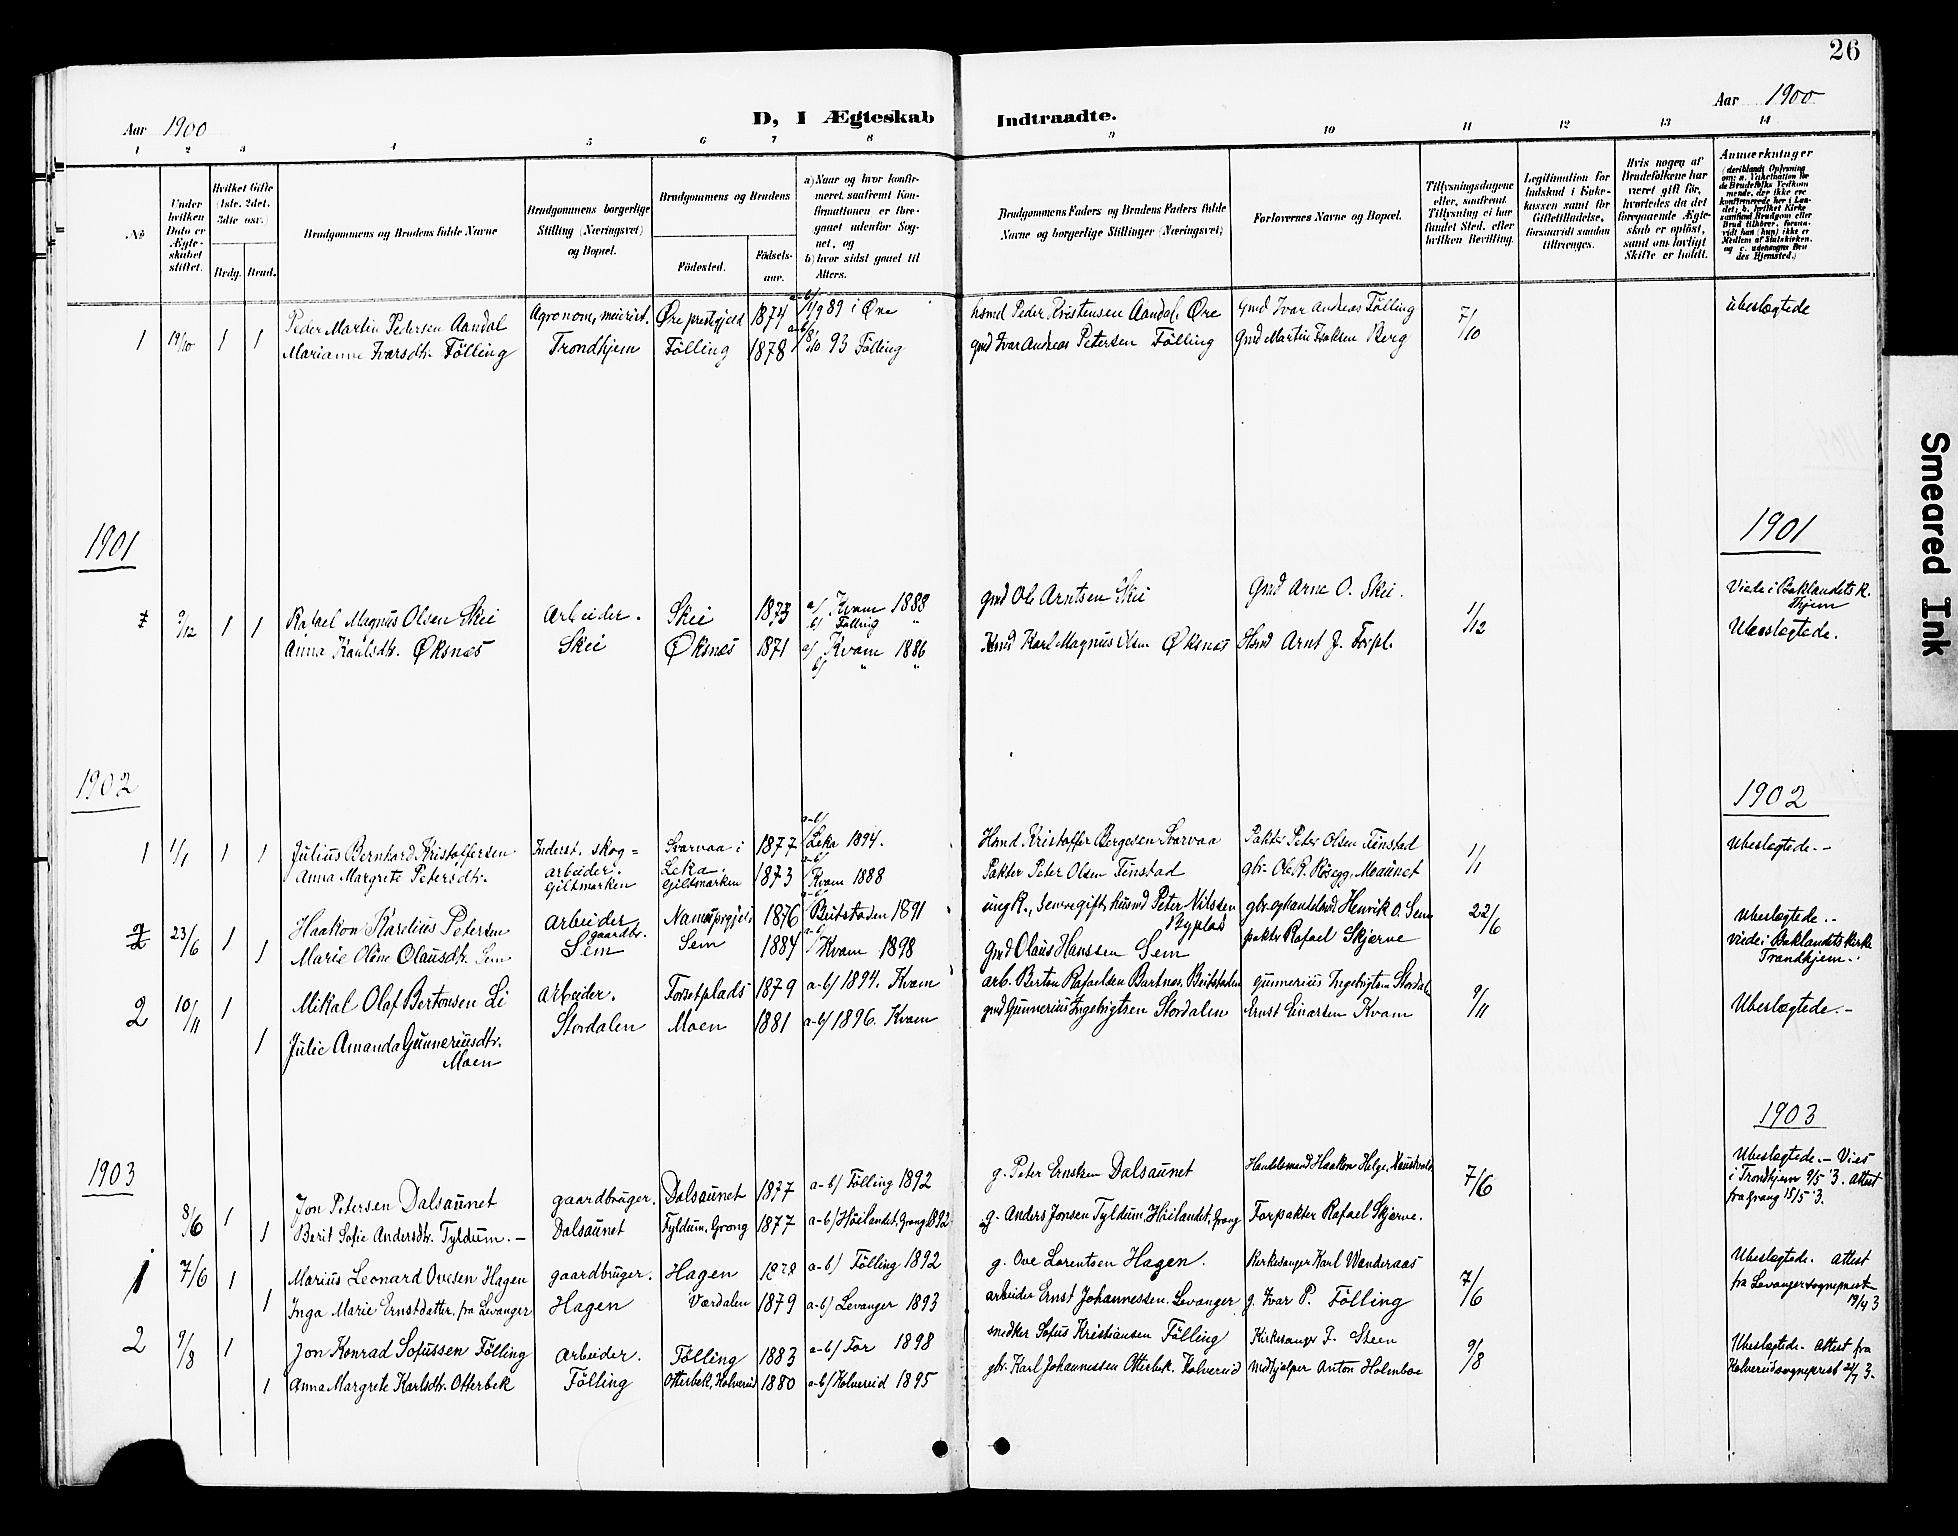 SAT, Ministerialprotokoller, klokkerbøker og fødselsregistre - Nord-Trøndelag, 748/L0464: Ministerialbok nr. 748A01, 1900-1908, s. 26